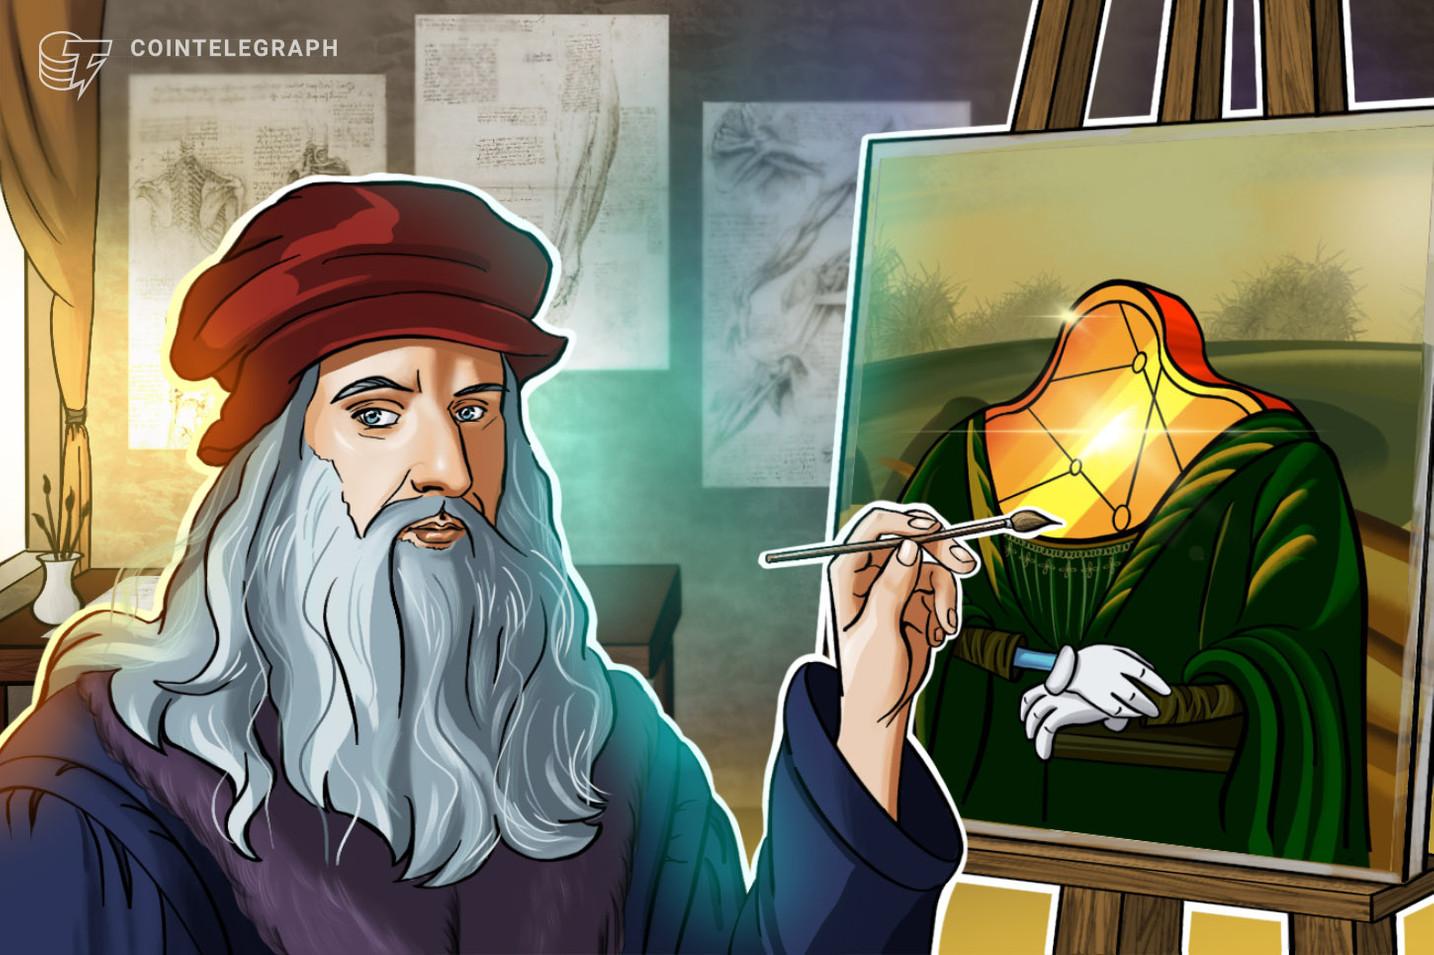 Будущее искусства? Всемирно известные художники углубляются в NFT